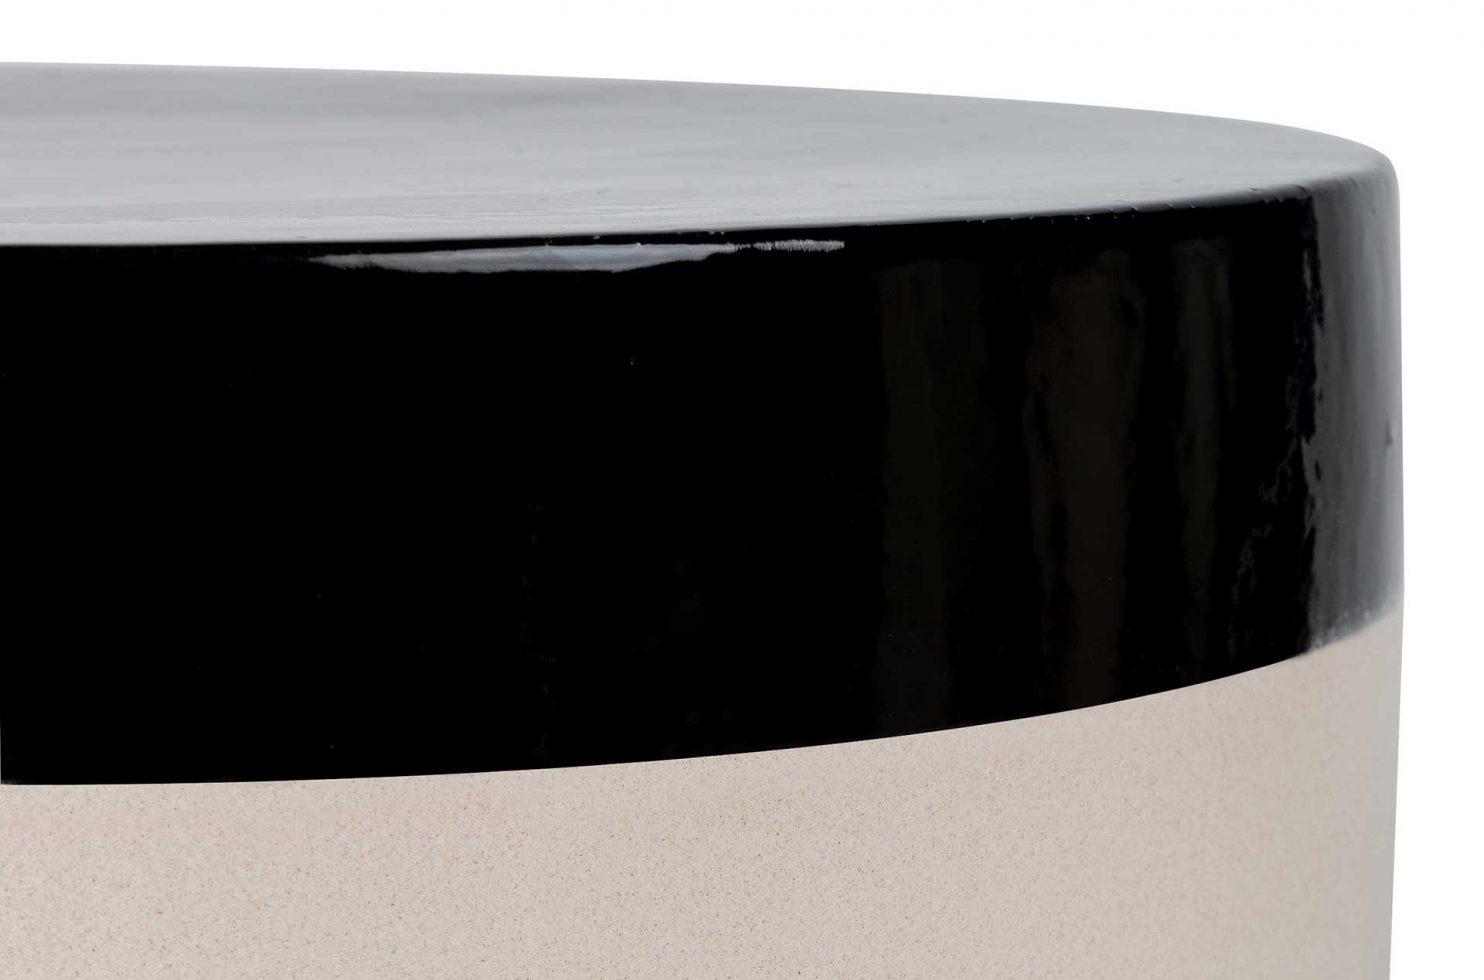 prov cer serenity side table 20in C3080152135 jet sand dtl1 web